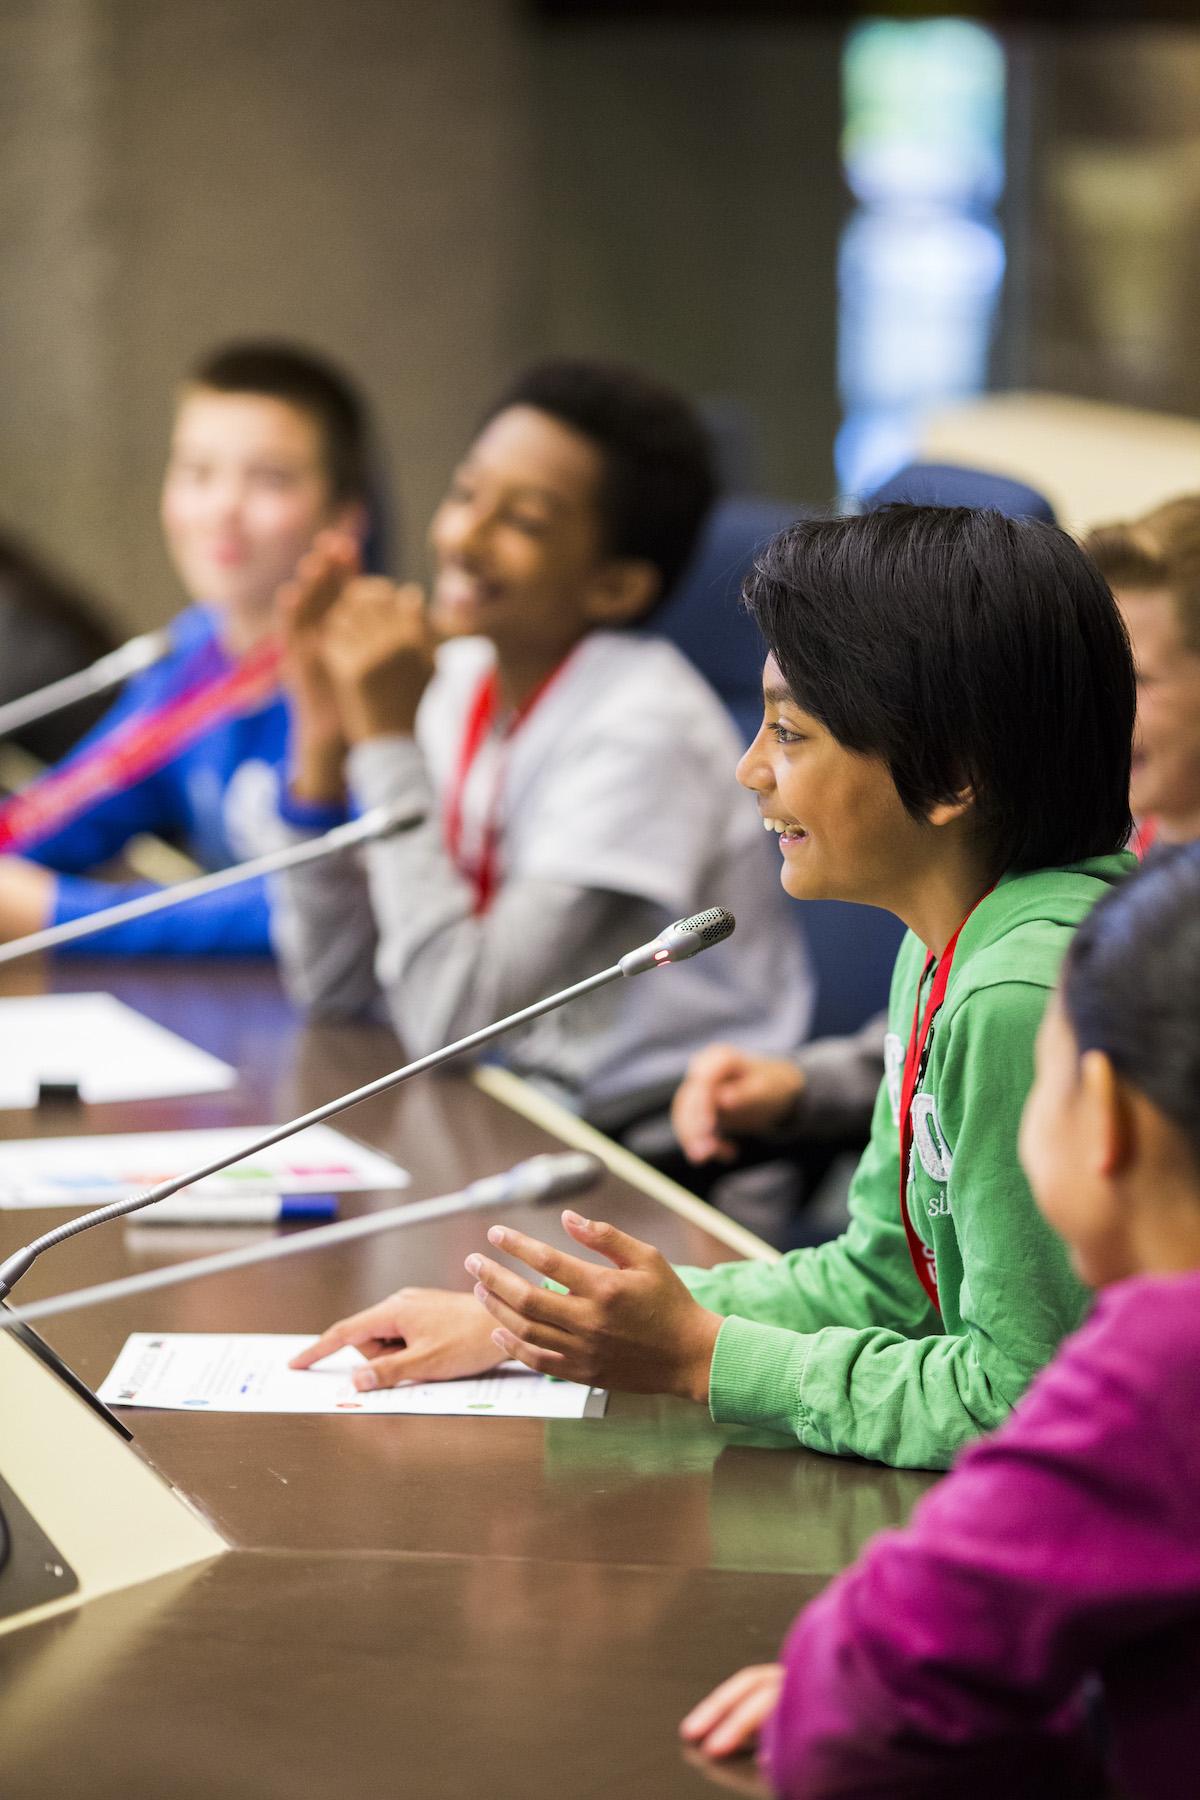 Groep kinderen in de raadzaal tijdens Schoolklassenbezoeken